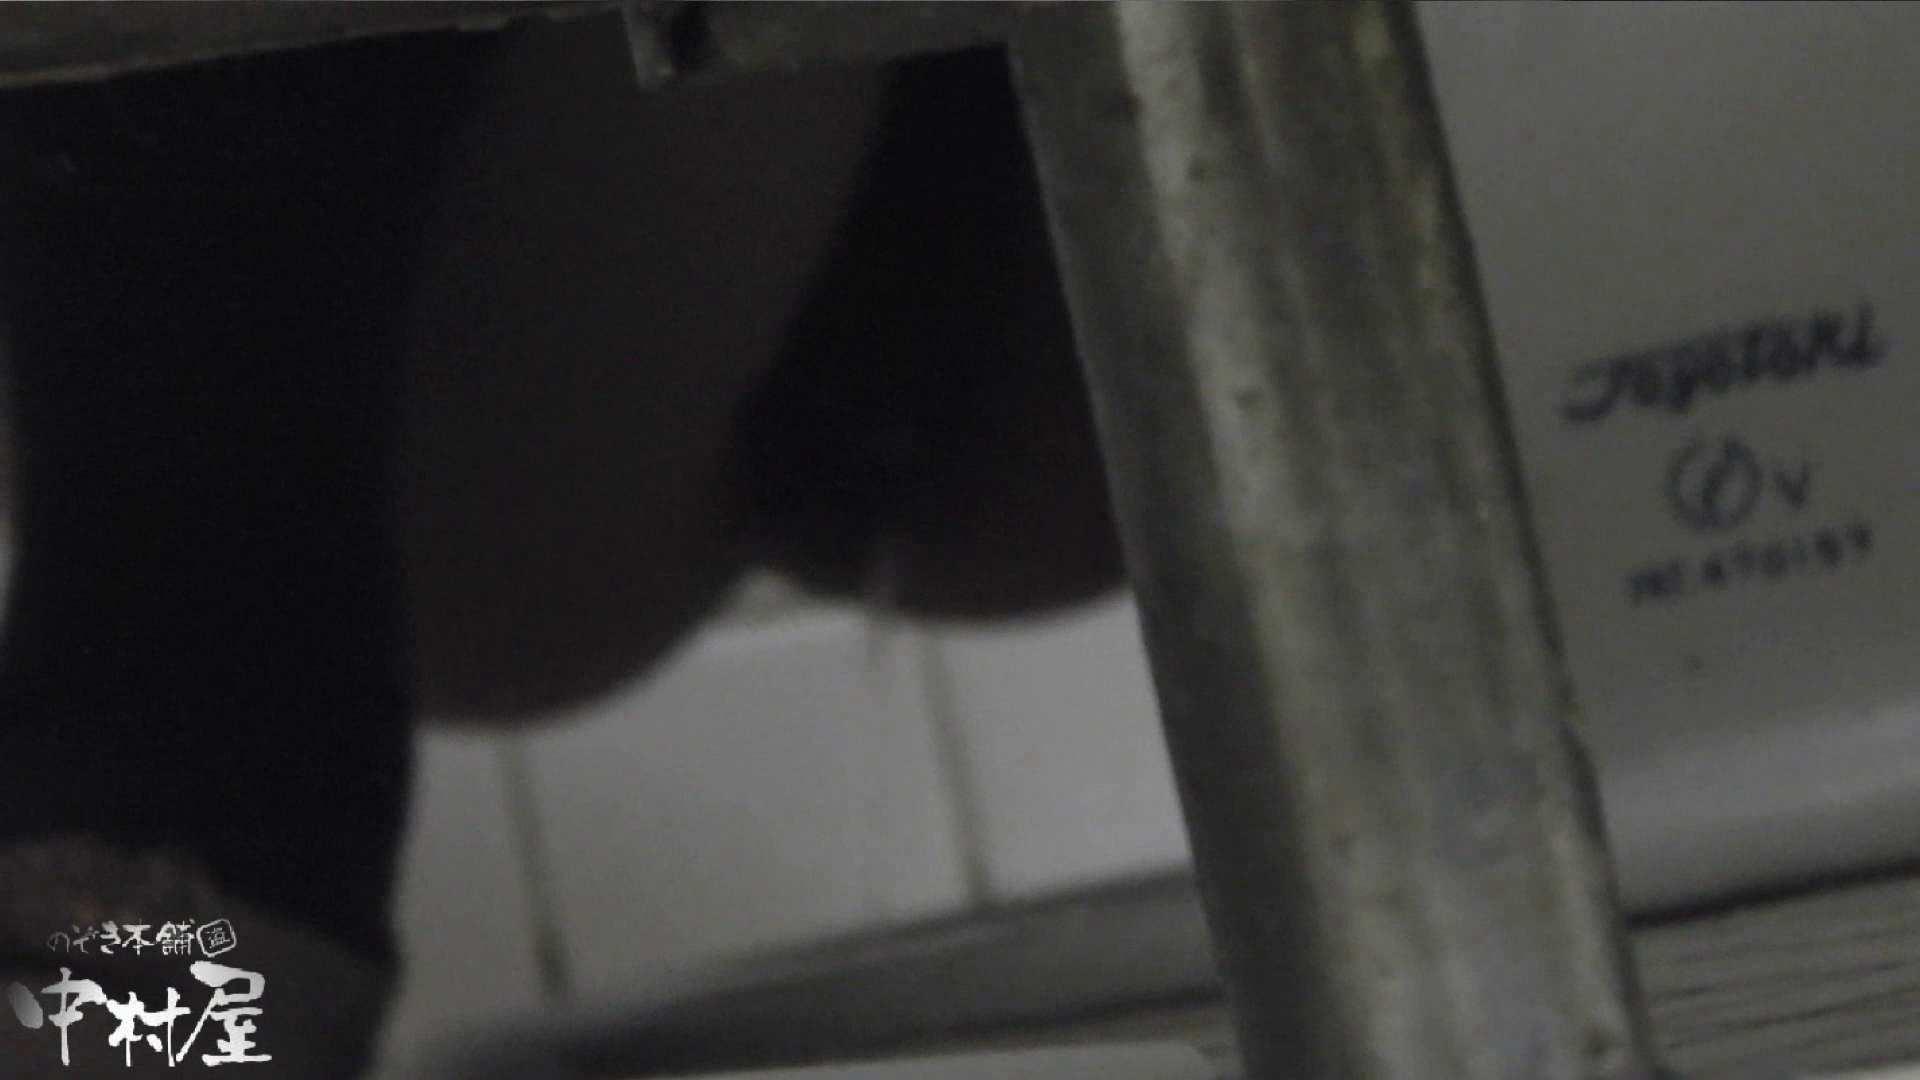 vol.15 命がけ潜伏洗面所! 極太しぼり プライベート 盗撮動画紹介 78連発 67